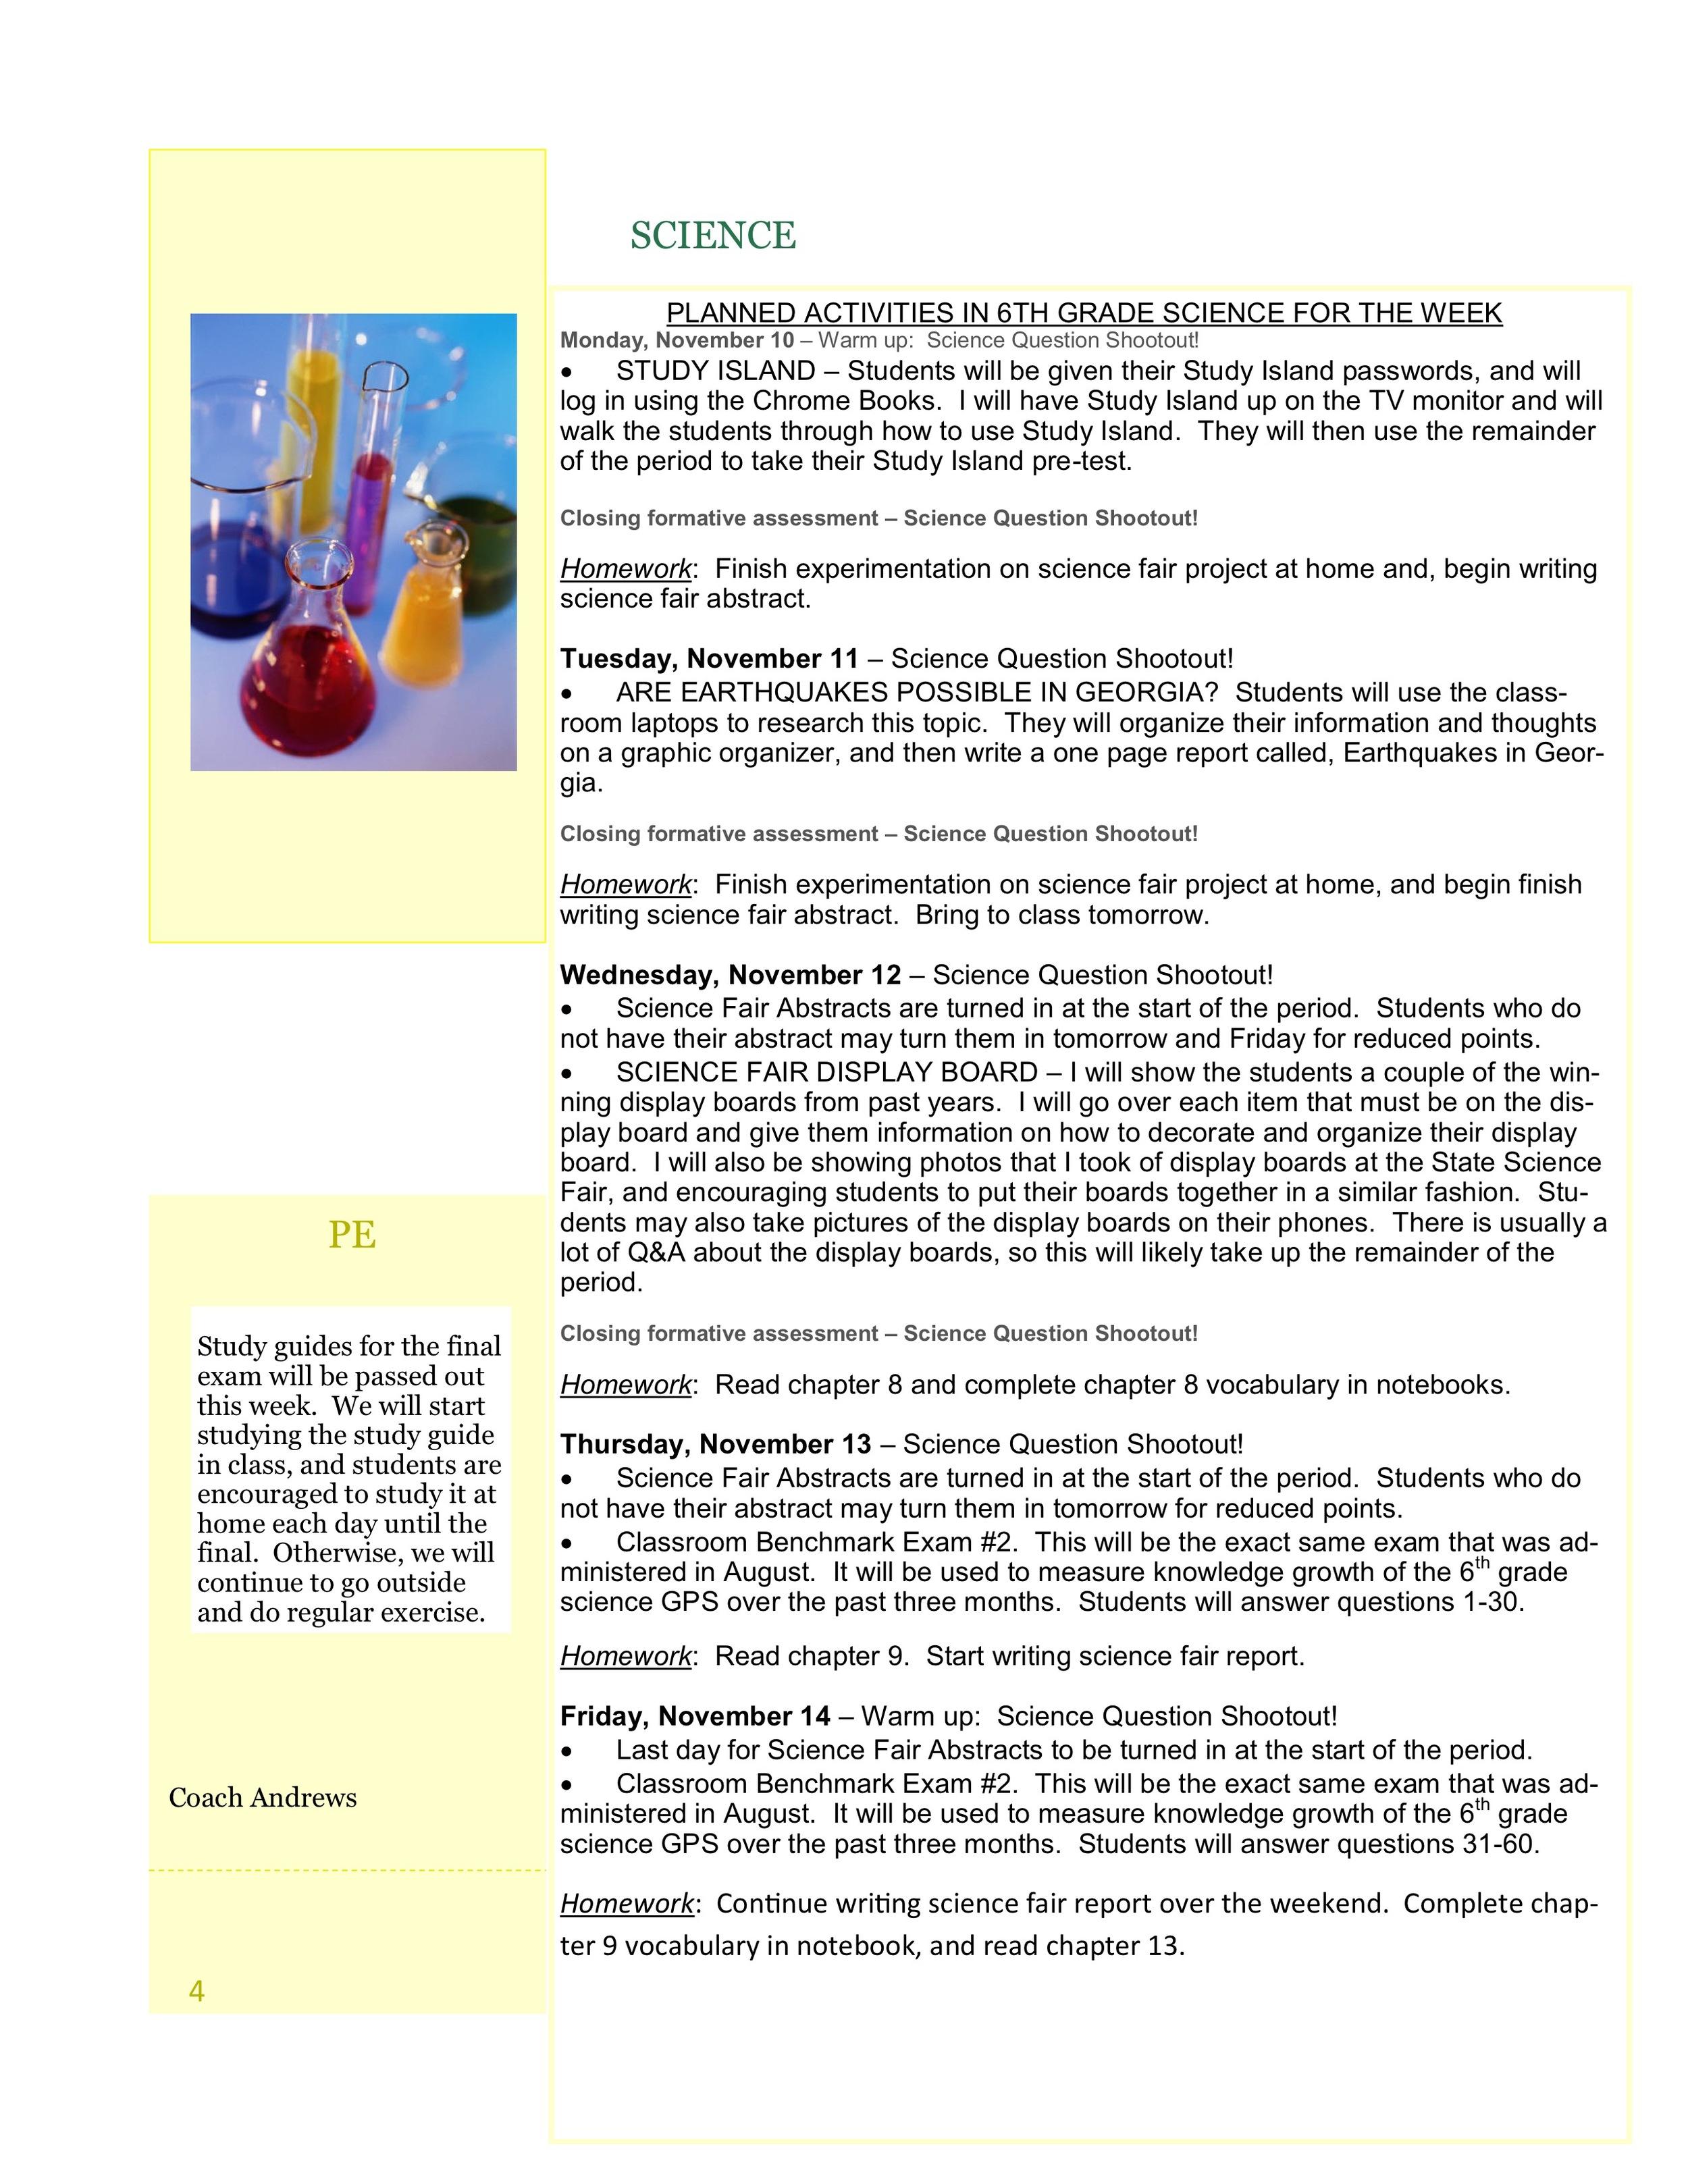 Newsletter Image6th grade November 10-14 4.jpeg